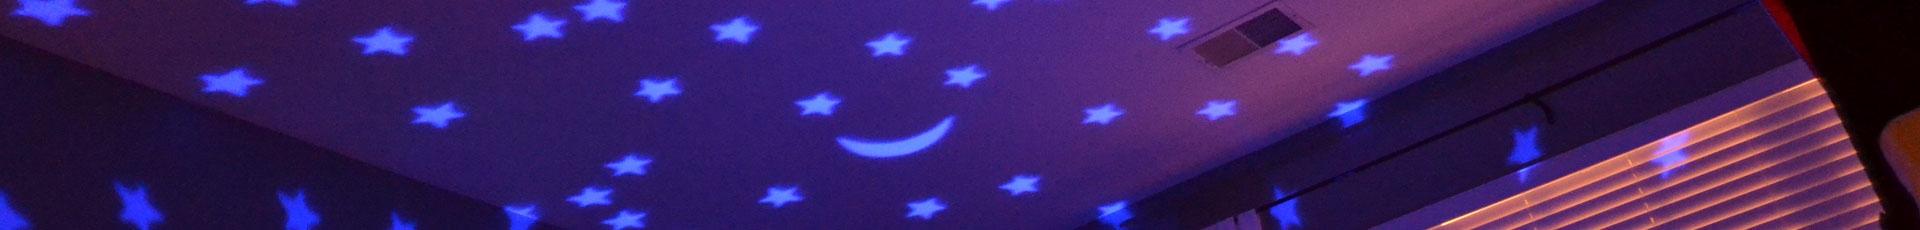 Φωτάκια Νυκτός & Διακόπτες